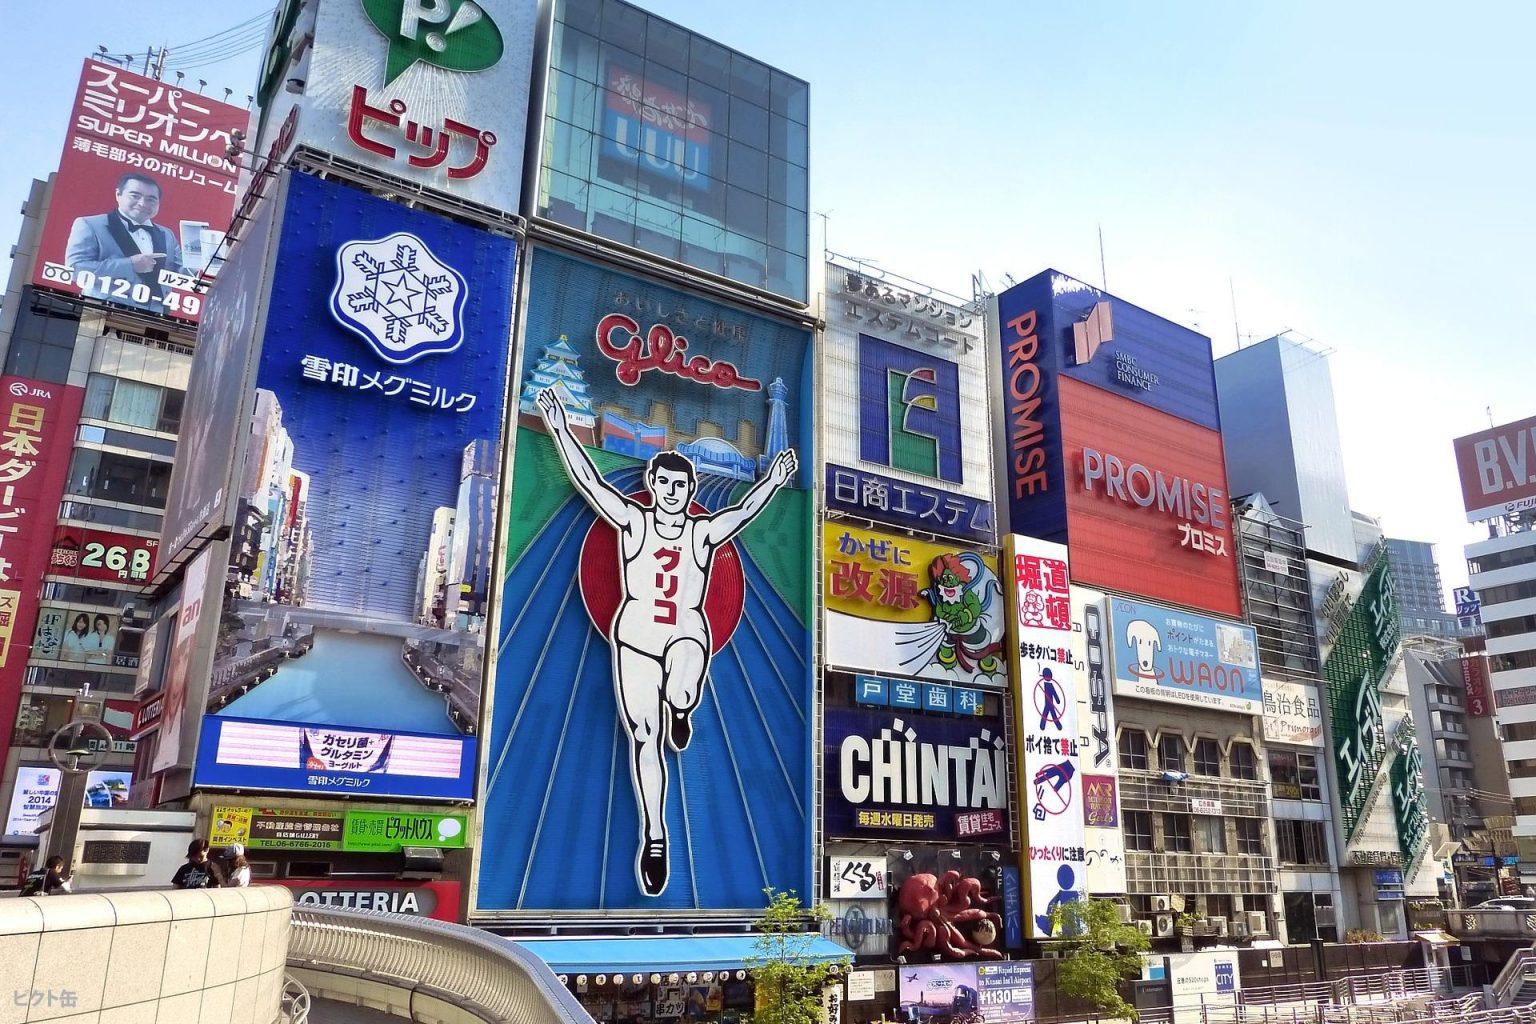 レンタル彼氏出張ホストおもちゃのGEN大阪関西ツアー